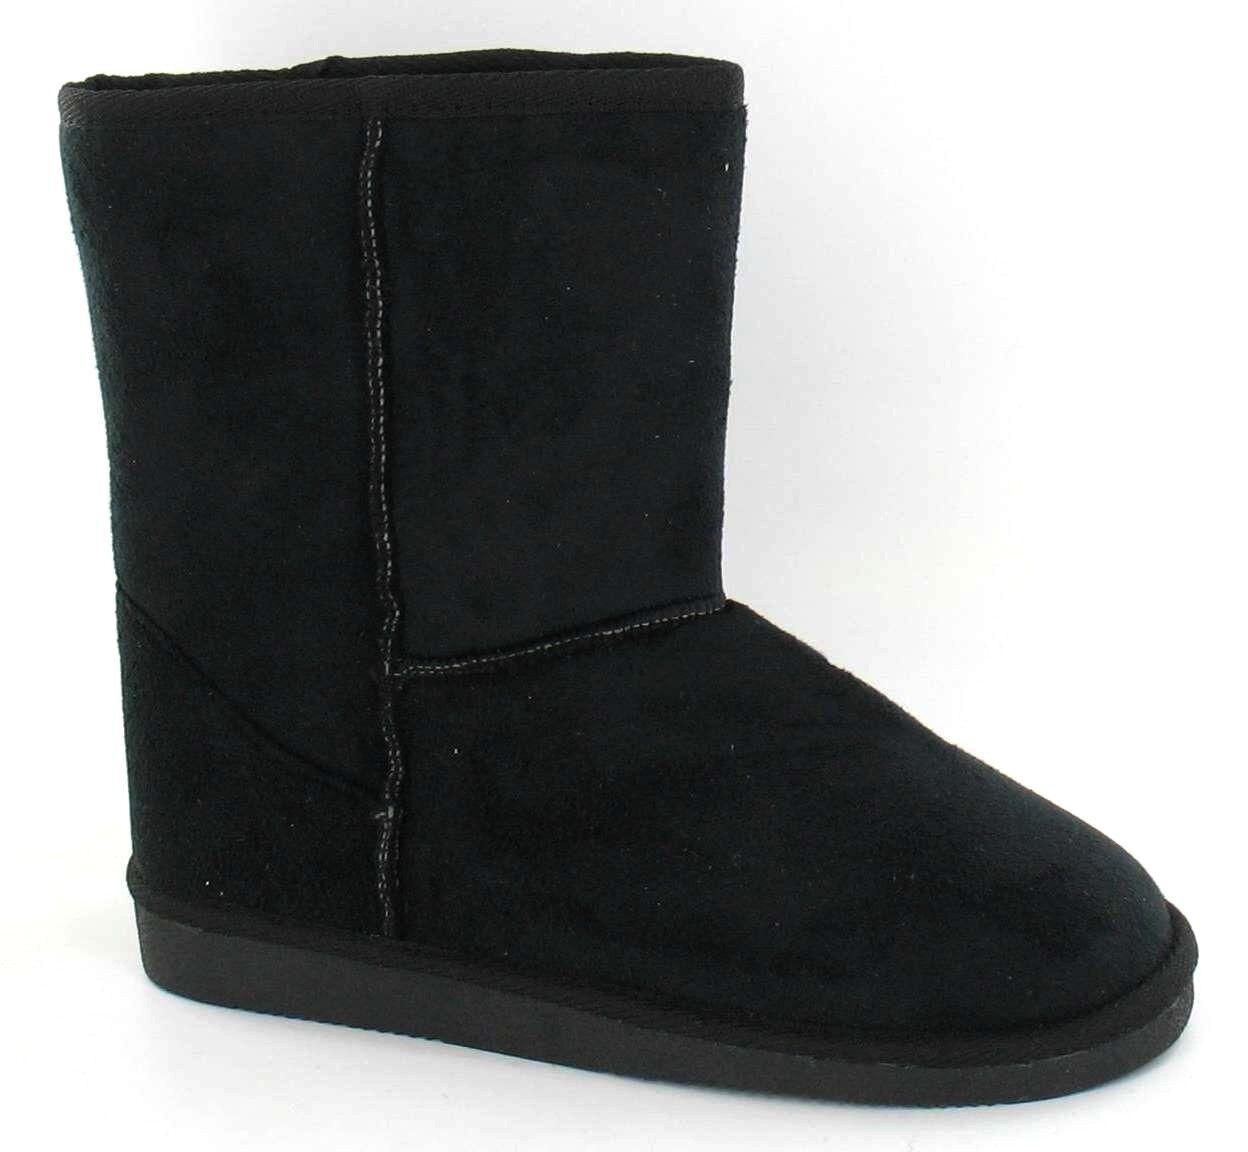 **SALE** Ladies Black Microfibre Faux Fur Lined Boots **WARM**COSY** X4002